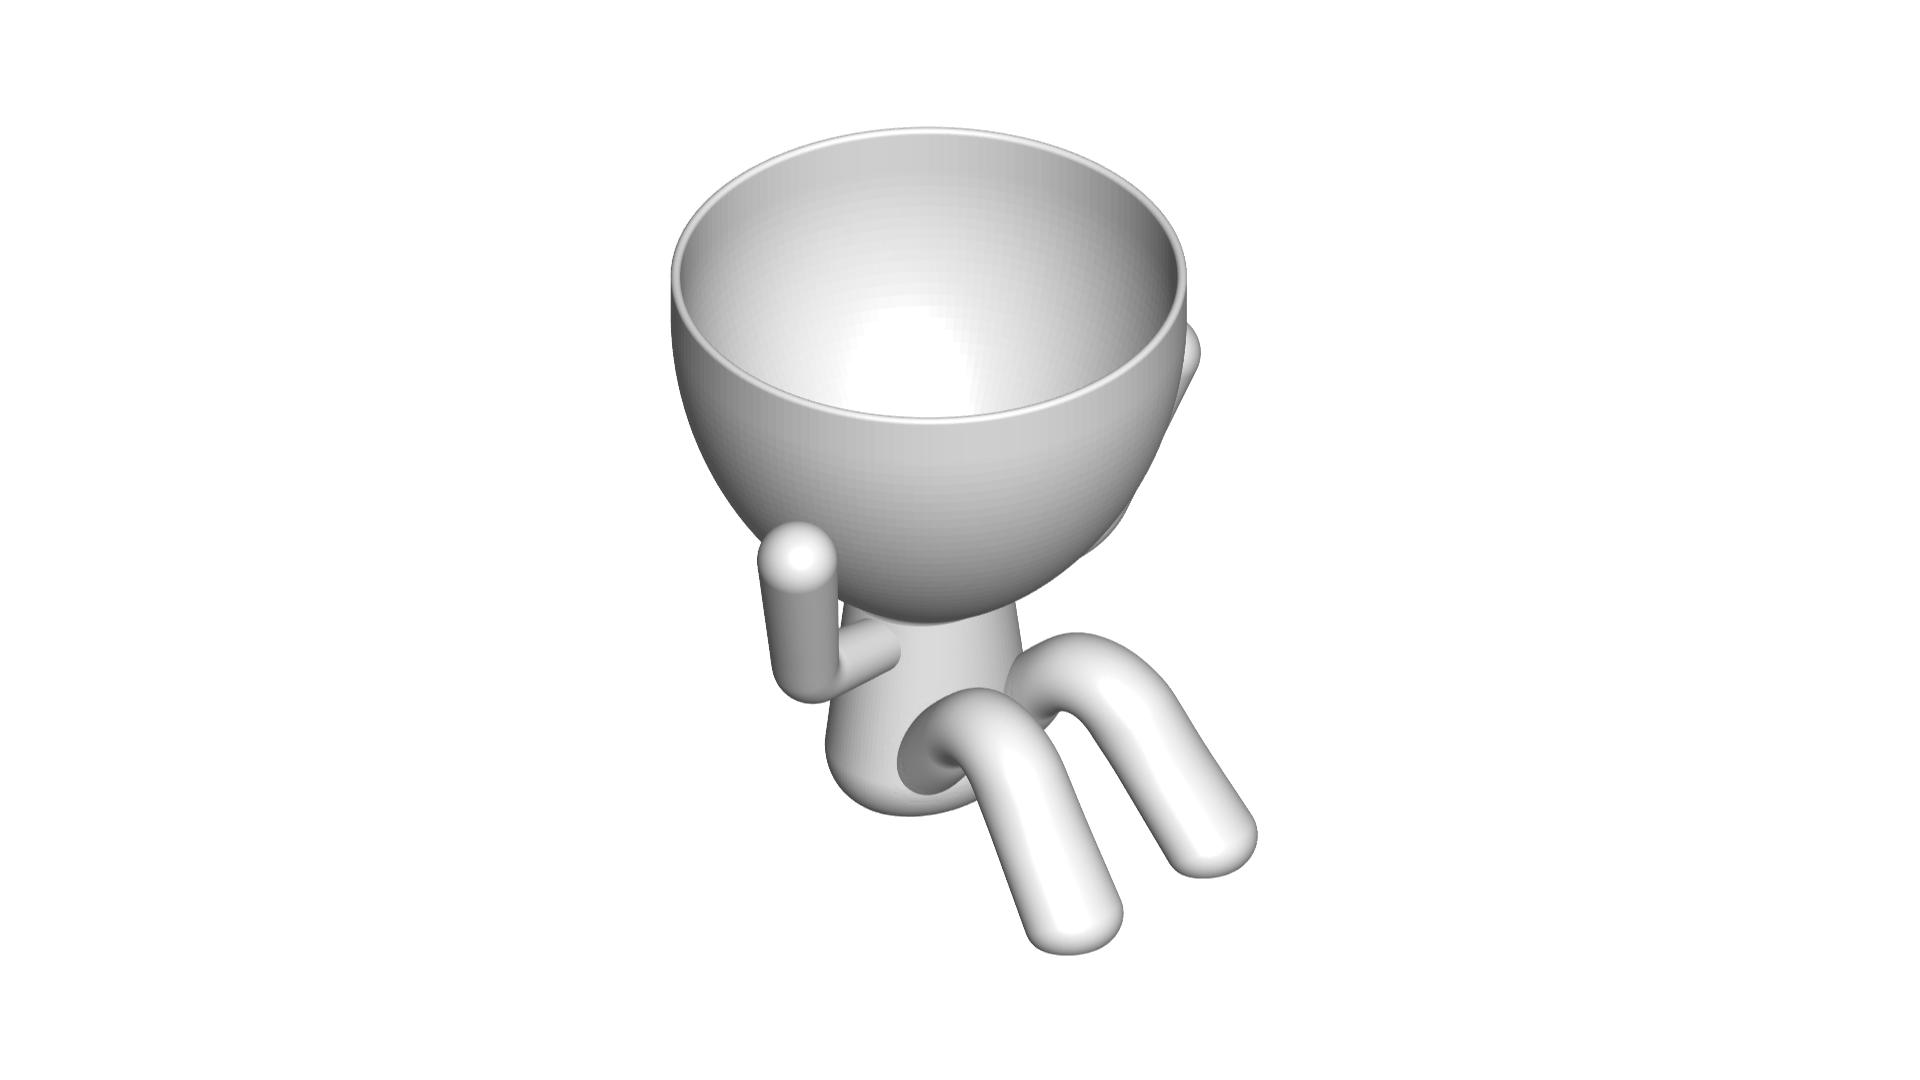 2_blanco_2.png Télécharger fichier STL gratuit Les 3 pots verres Robert Sabios Ne lit pas, n'écoute pas, ne voit pas - Les 3 pots verres Robert Sabios Ne lit pas, n'écoute pas, ne voit pas • Objet à imprimer en 3D, CREATIONSISHI